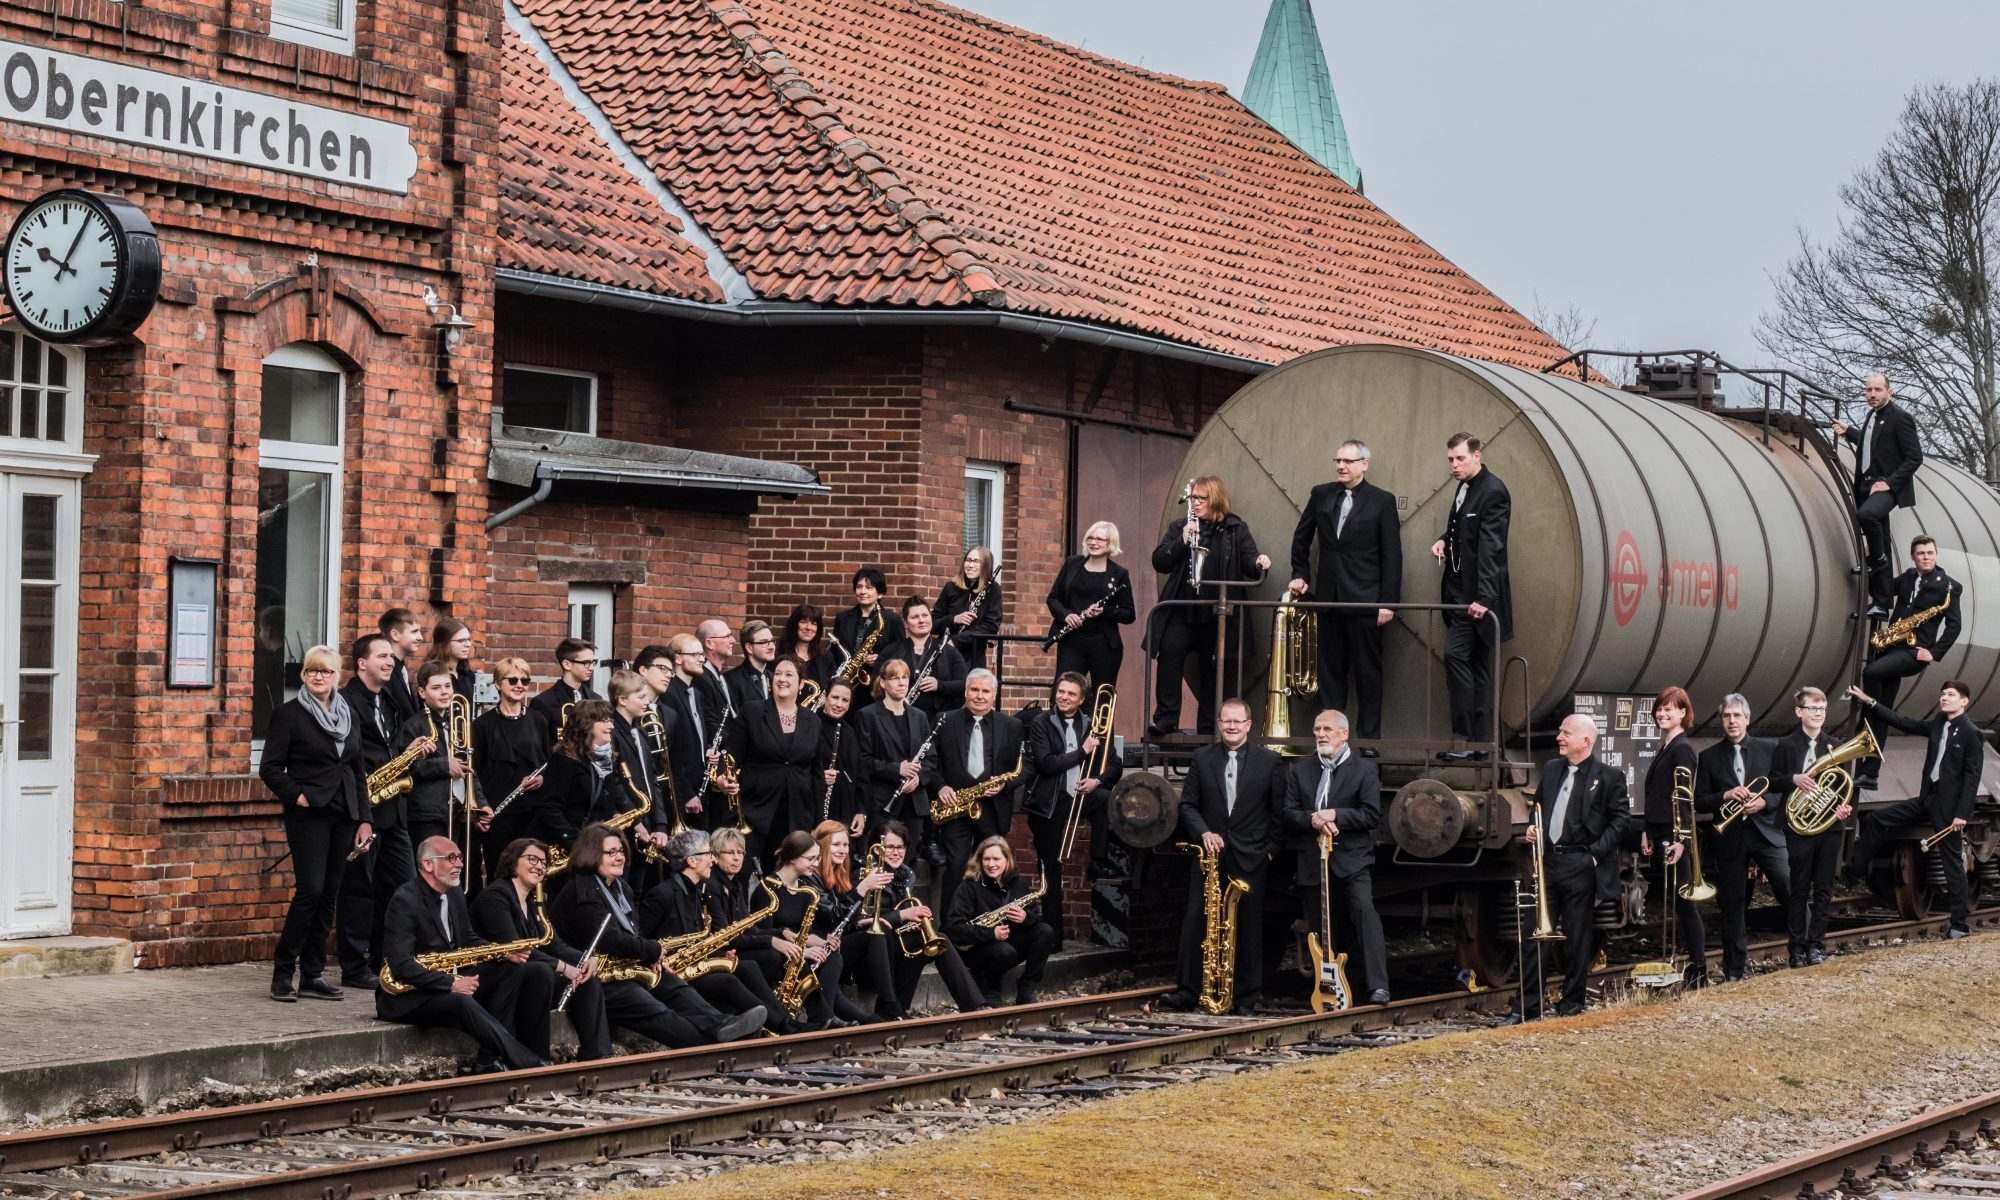 BOK - Blasorchester Krainhagen